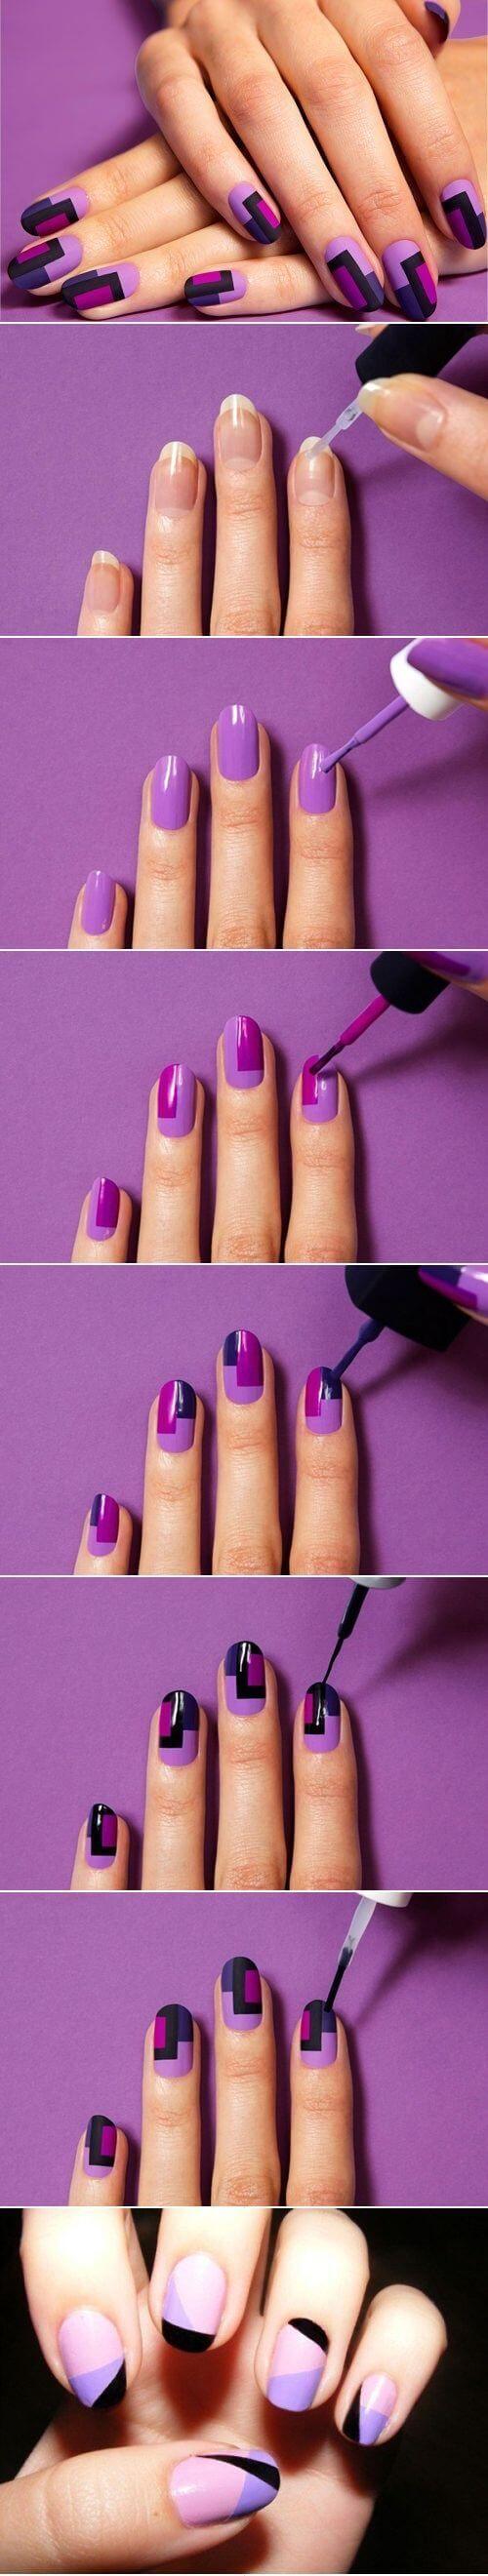 Uñas decoradas Color Purpura +80 diseños | Decoración de Uñas - Nail Art - Uñas decoradas - Part 3